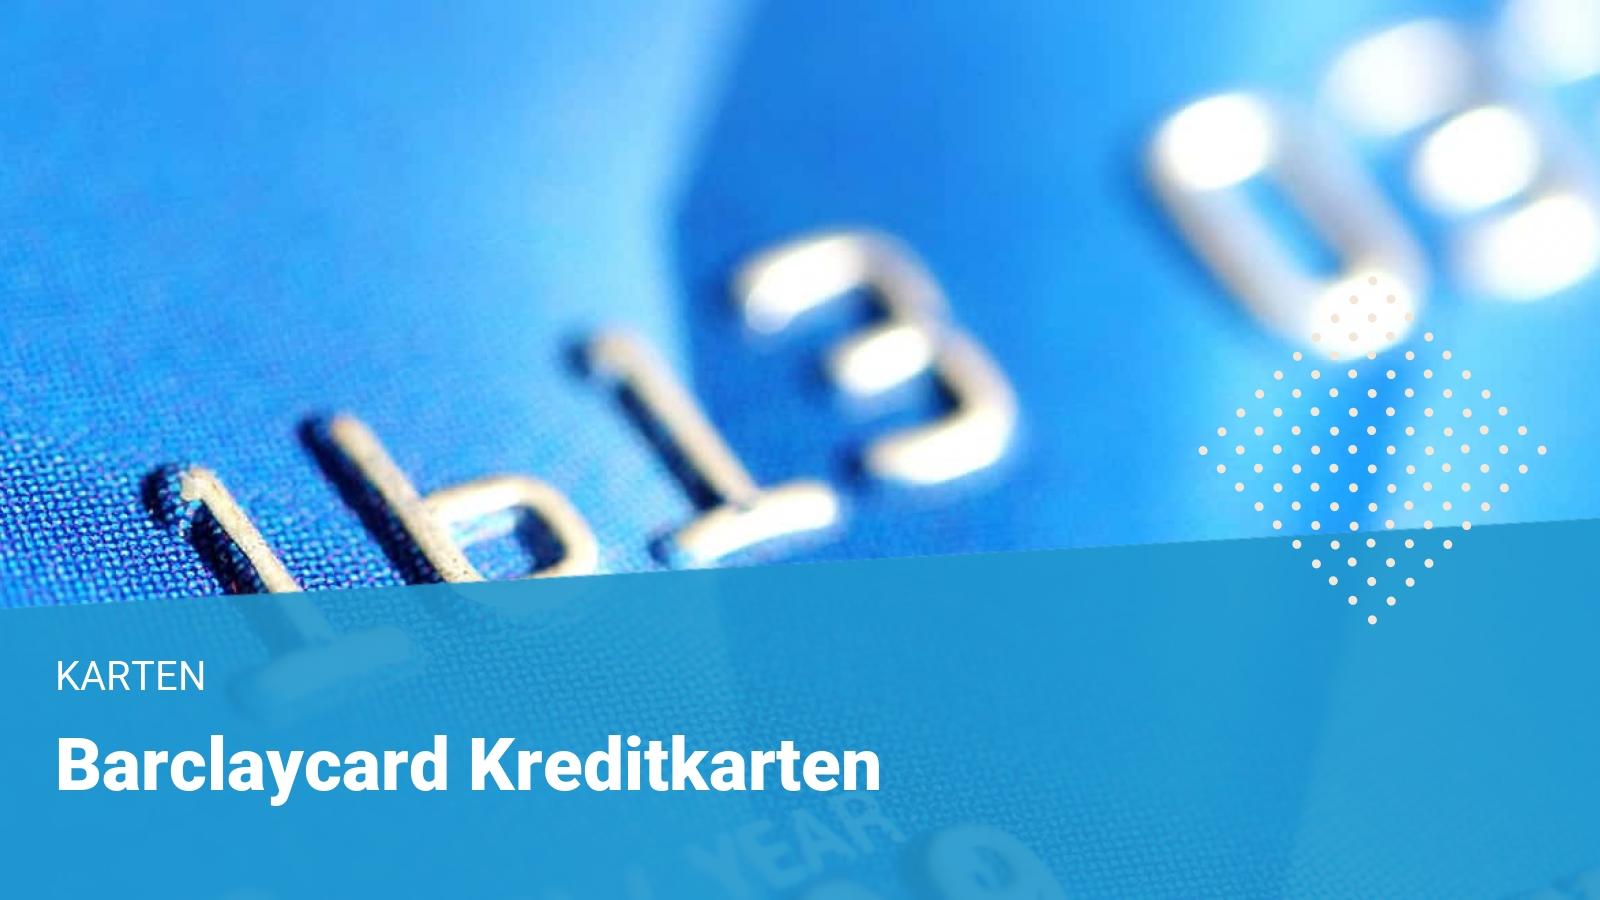 barclaycard-kreditkarten min